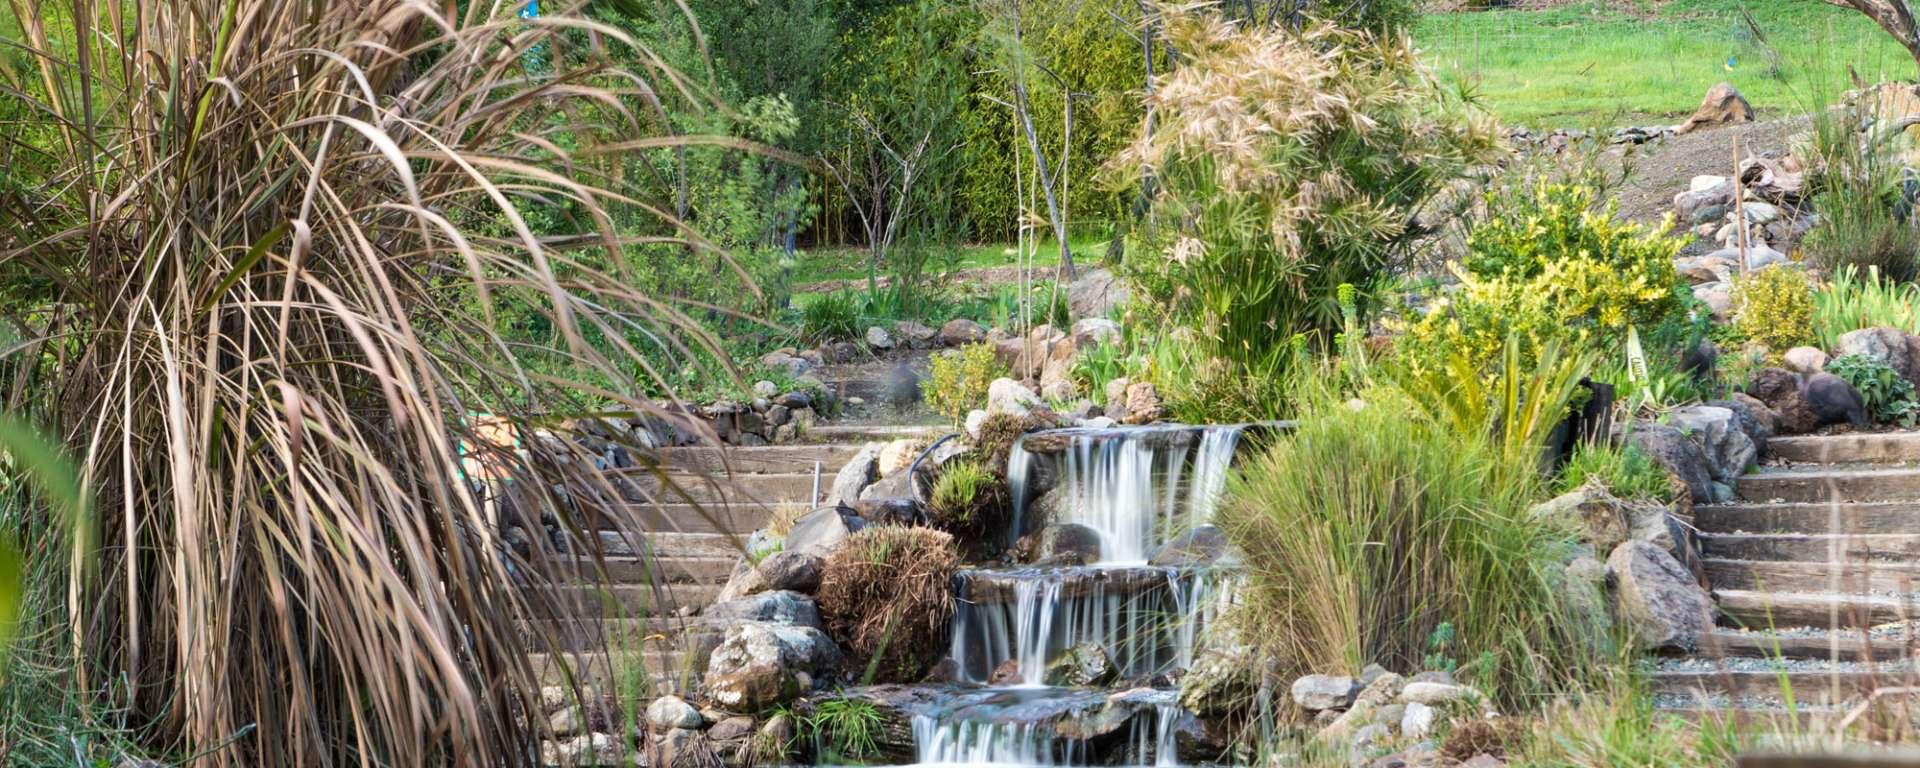 Lemur Island Koi Pond